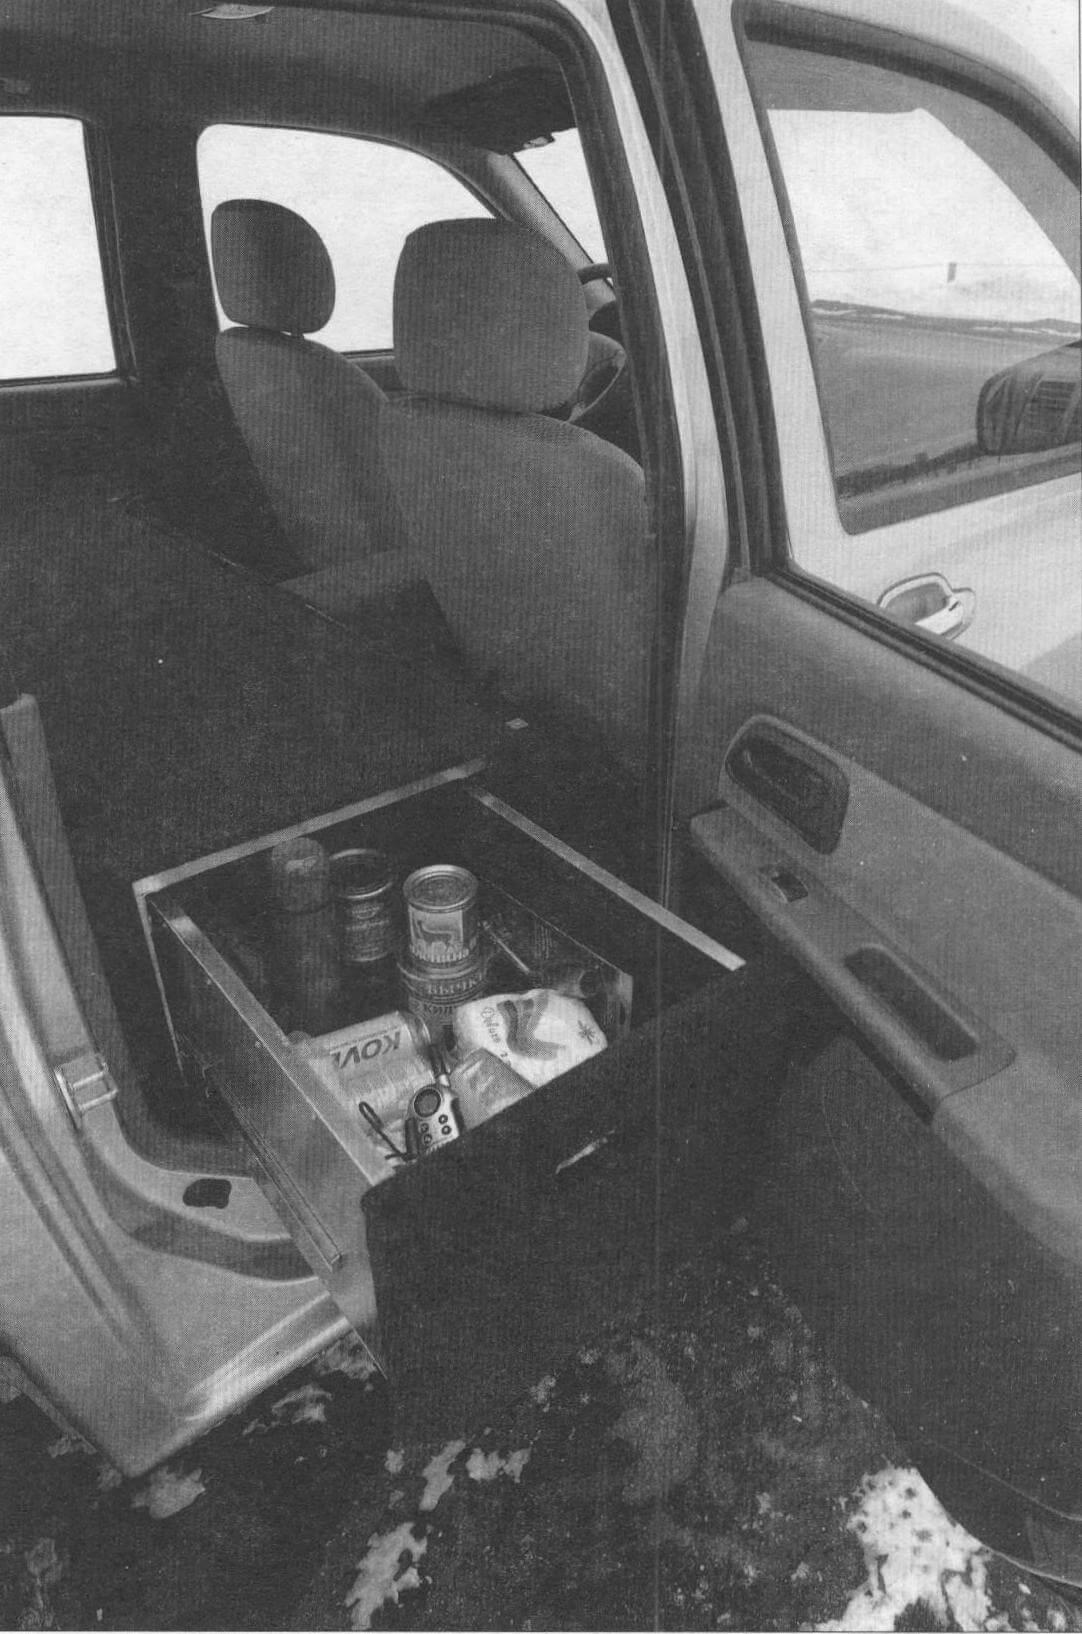 Правый выдвижной ящик - это походная кухня, всегда готовая накормить и обогреть экипаж